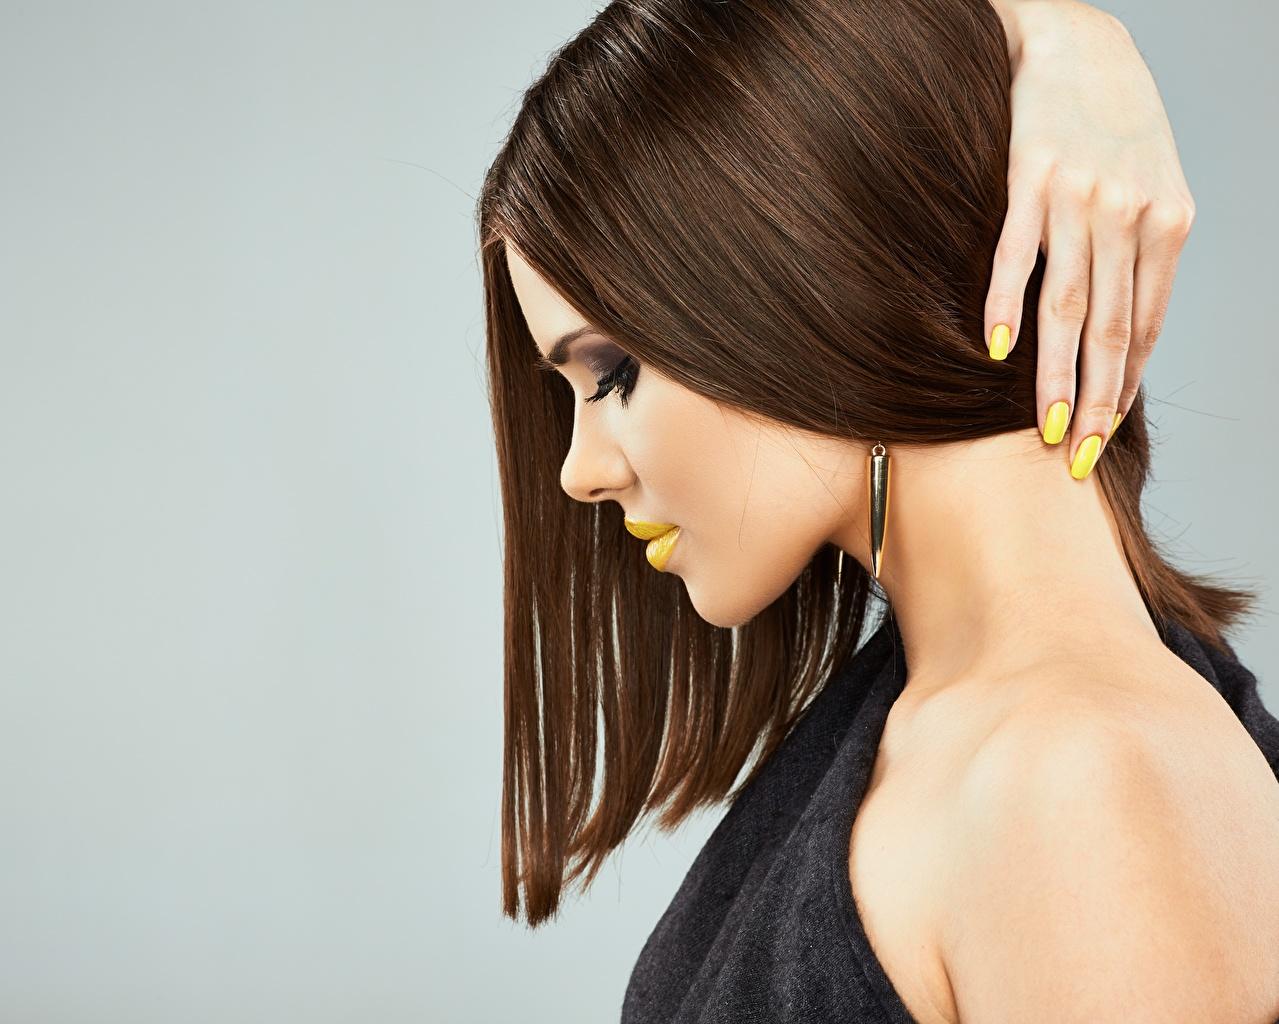 Tapeta na pulpit Modelka Manicure Makijaż Fryzura Wlosy dziewczyna Palce Widok z boku modelka fryzury Dziewczyny młode kobiety młoda kobieta